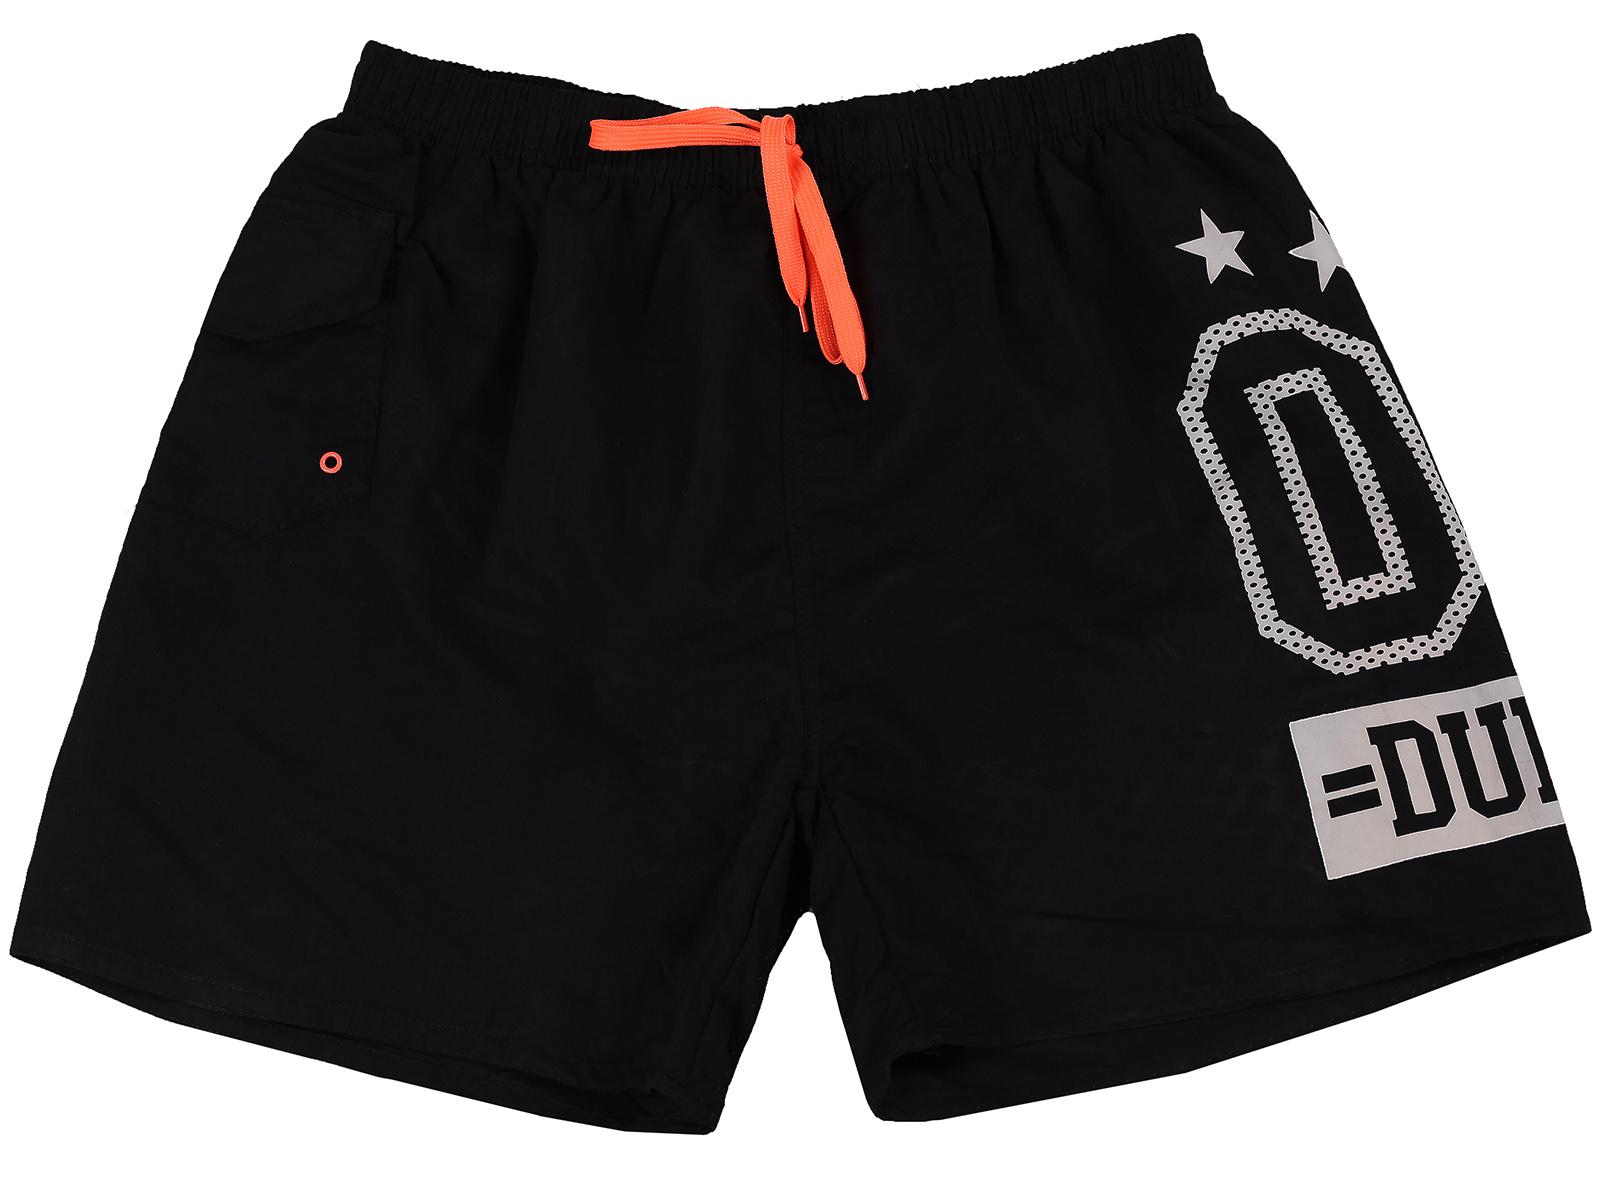 Мужские шорты Identic - купить в интернет-магазине с доставкой